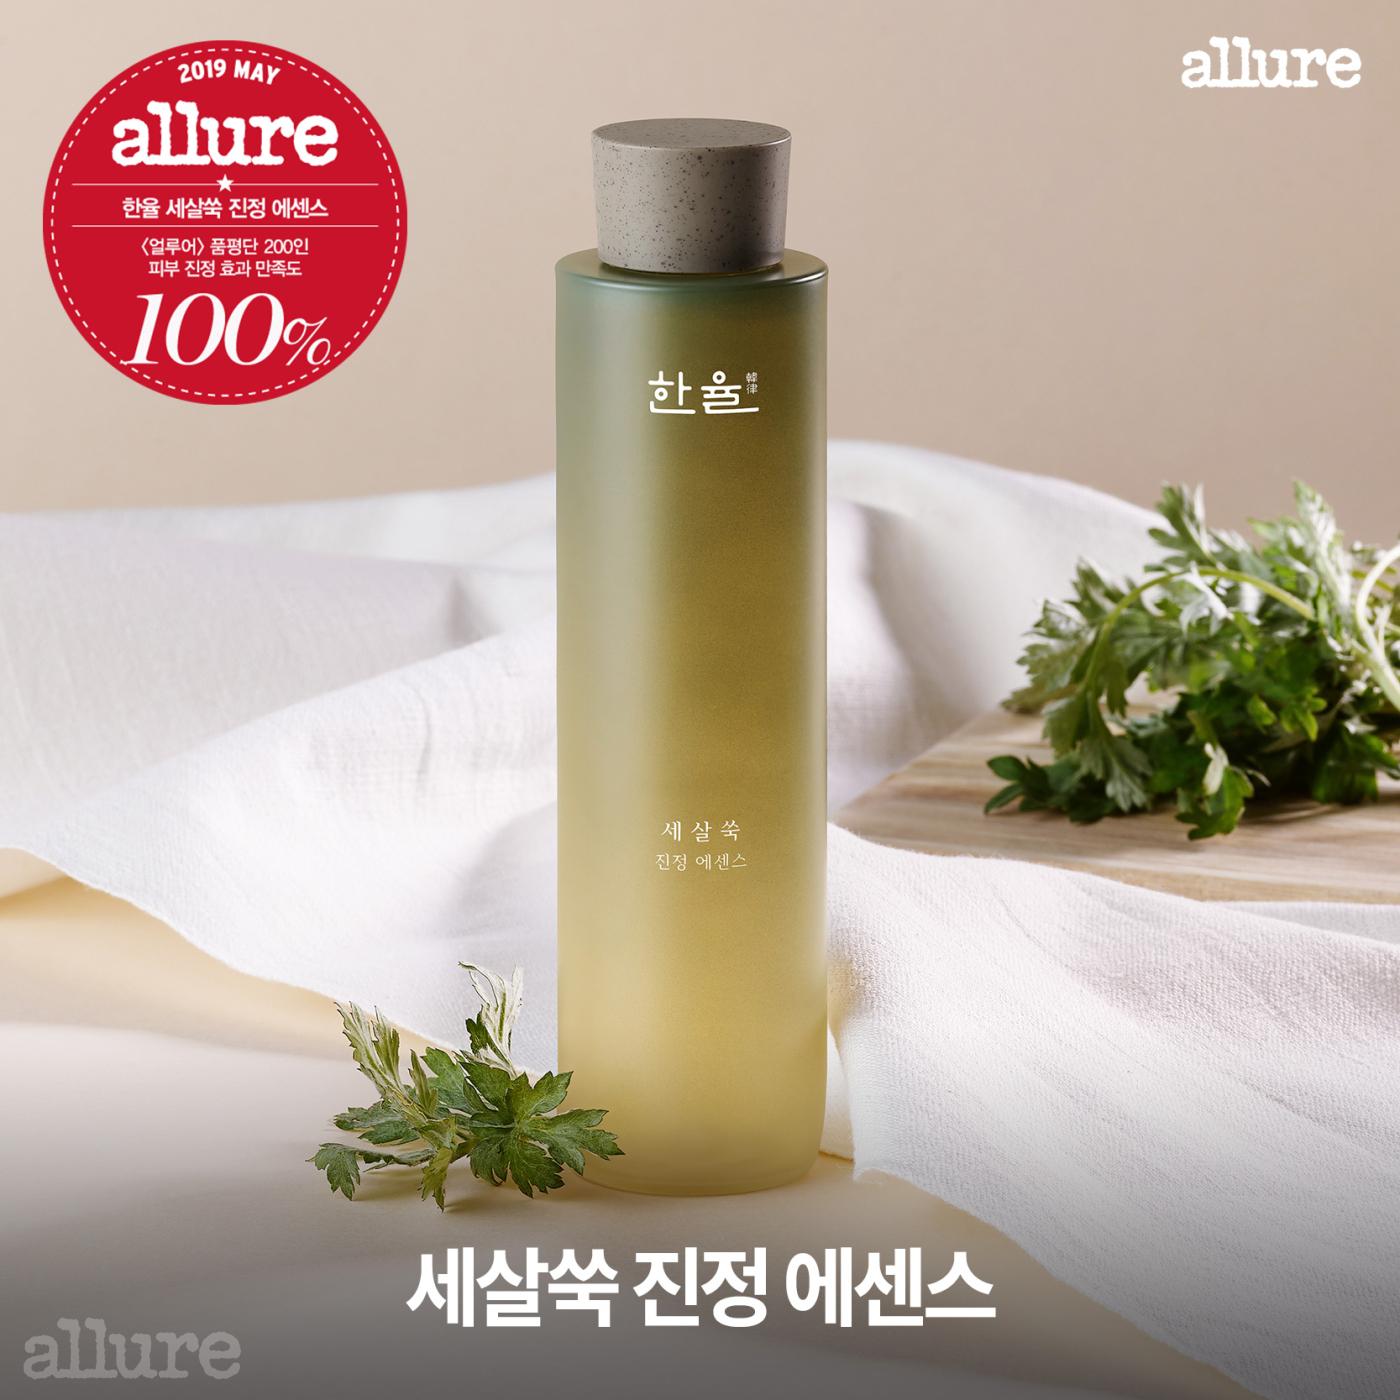 한율_카드뉴스-1-수정